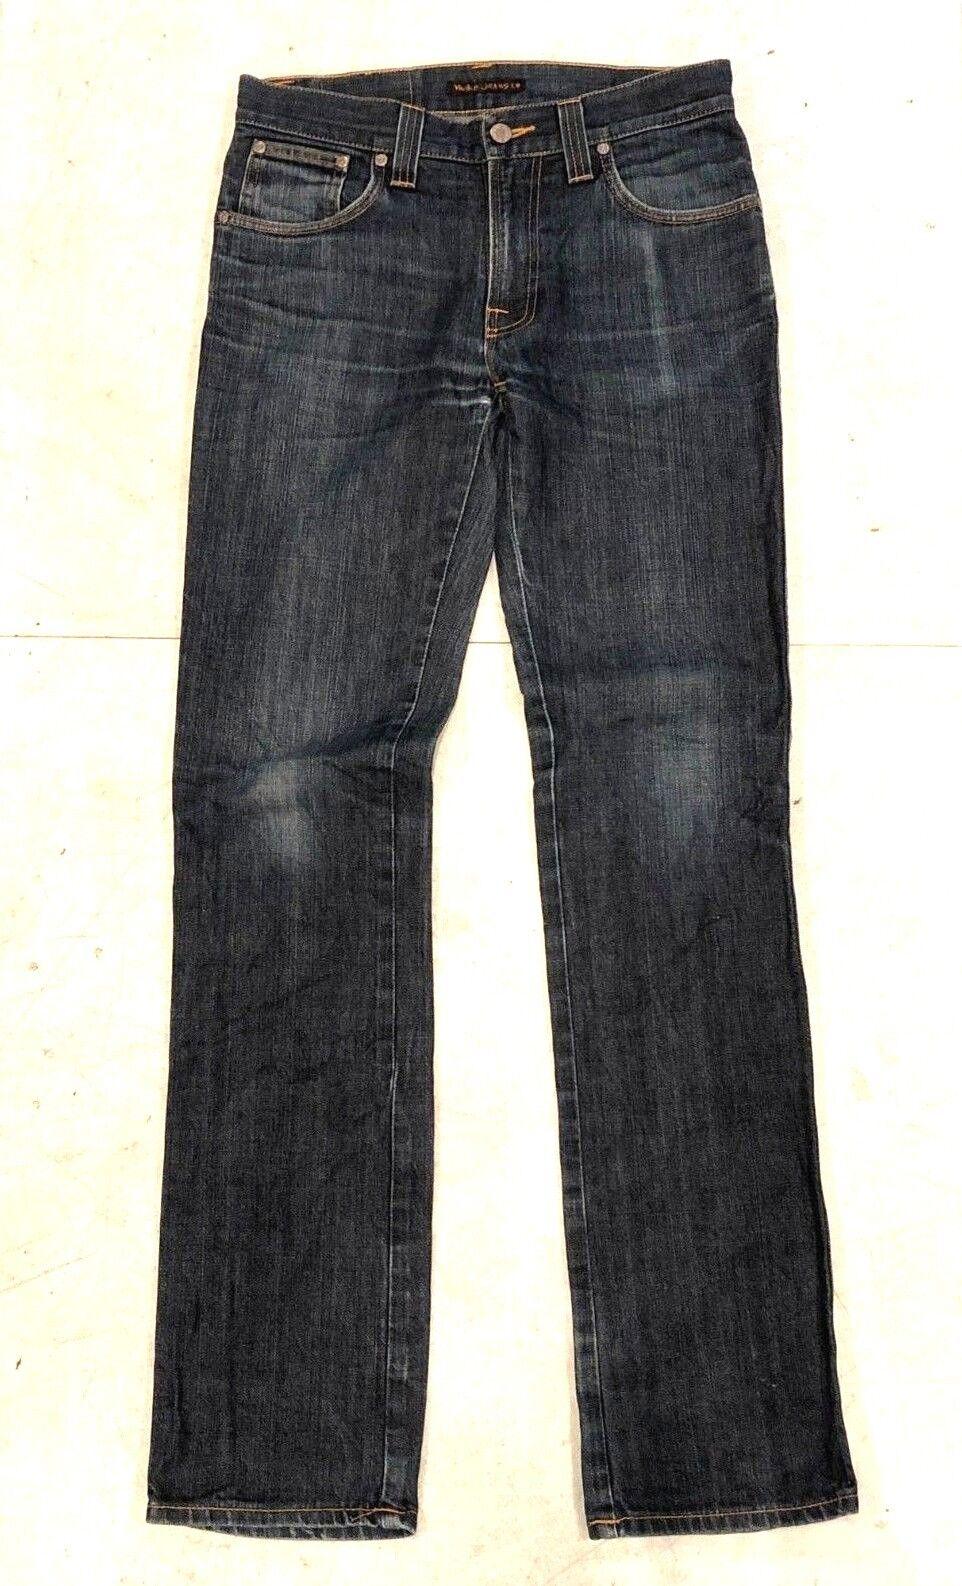 Nudie Low Slim Jim 30 x 34 Zipper Fly Slim Fit Dry Denim Jeans